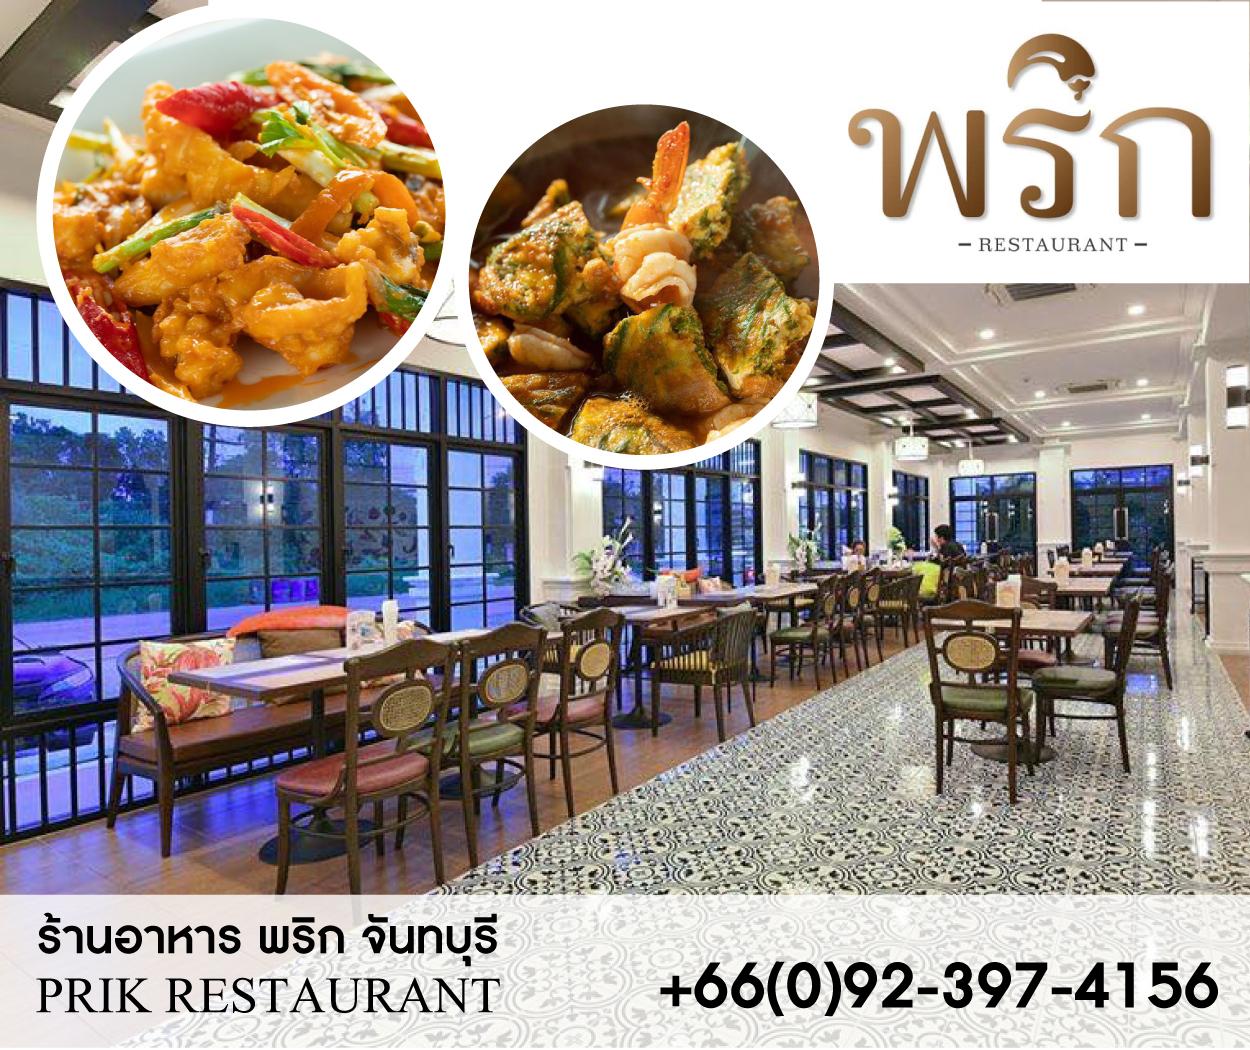 Chaanburi Boutique Resort Chanthaburi (Prik)